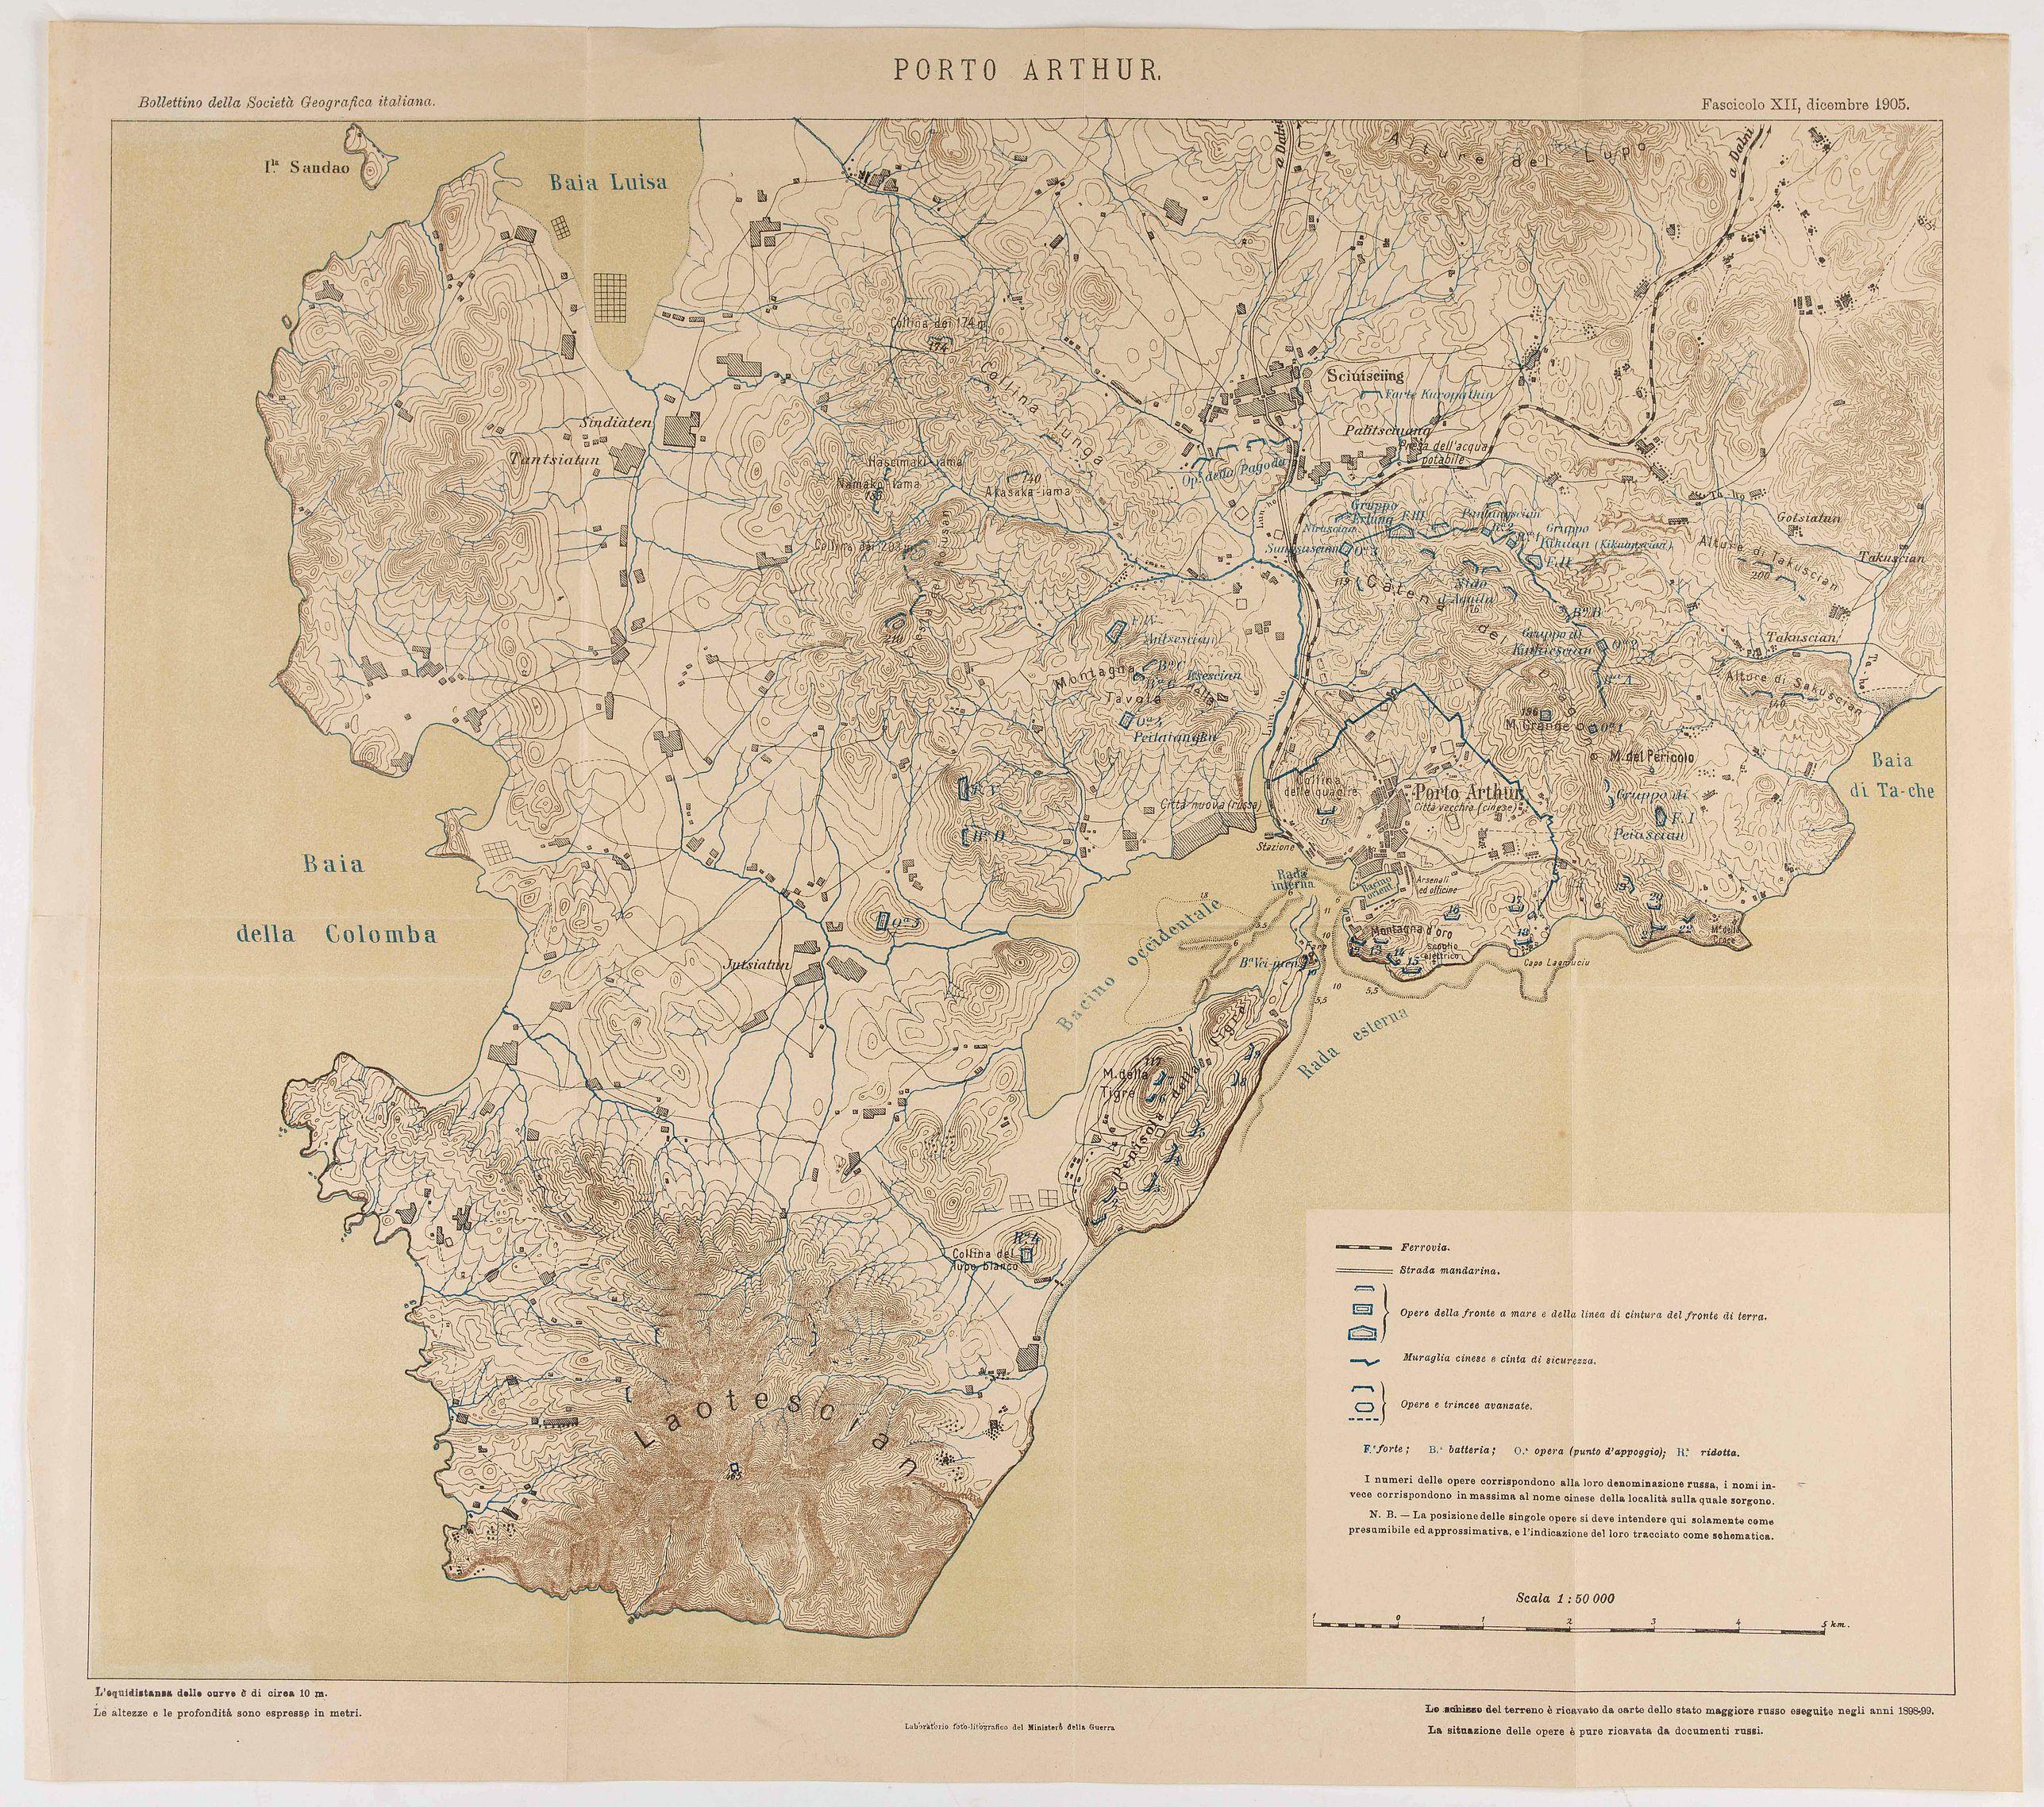 MINISTERIO DE LA GUERRA - Porto Arthur.